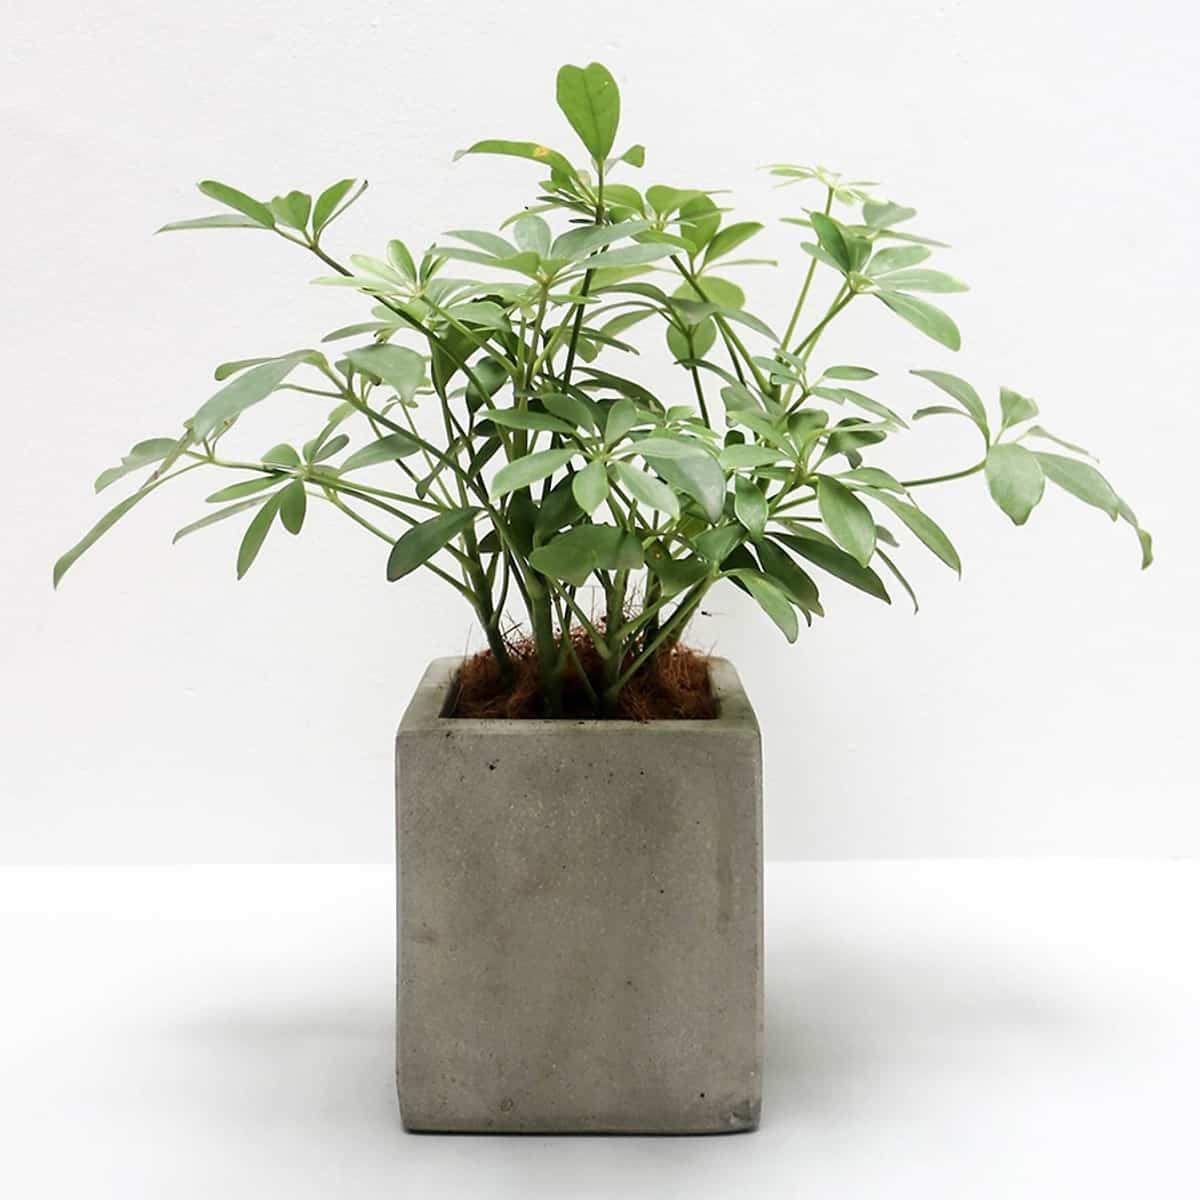 Cây ngũ gia bì thích hợp trồng trong nhà